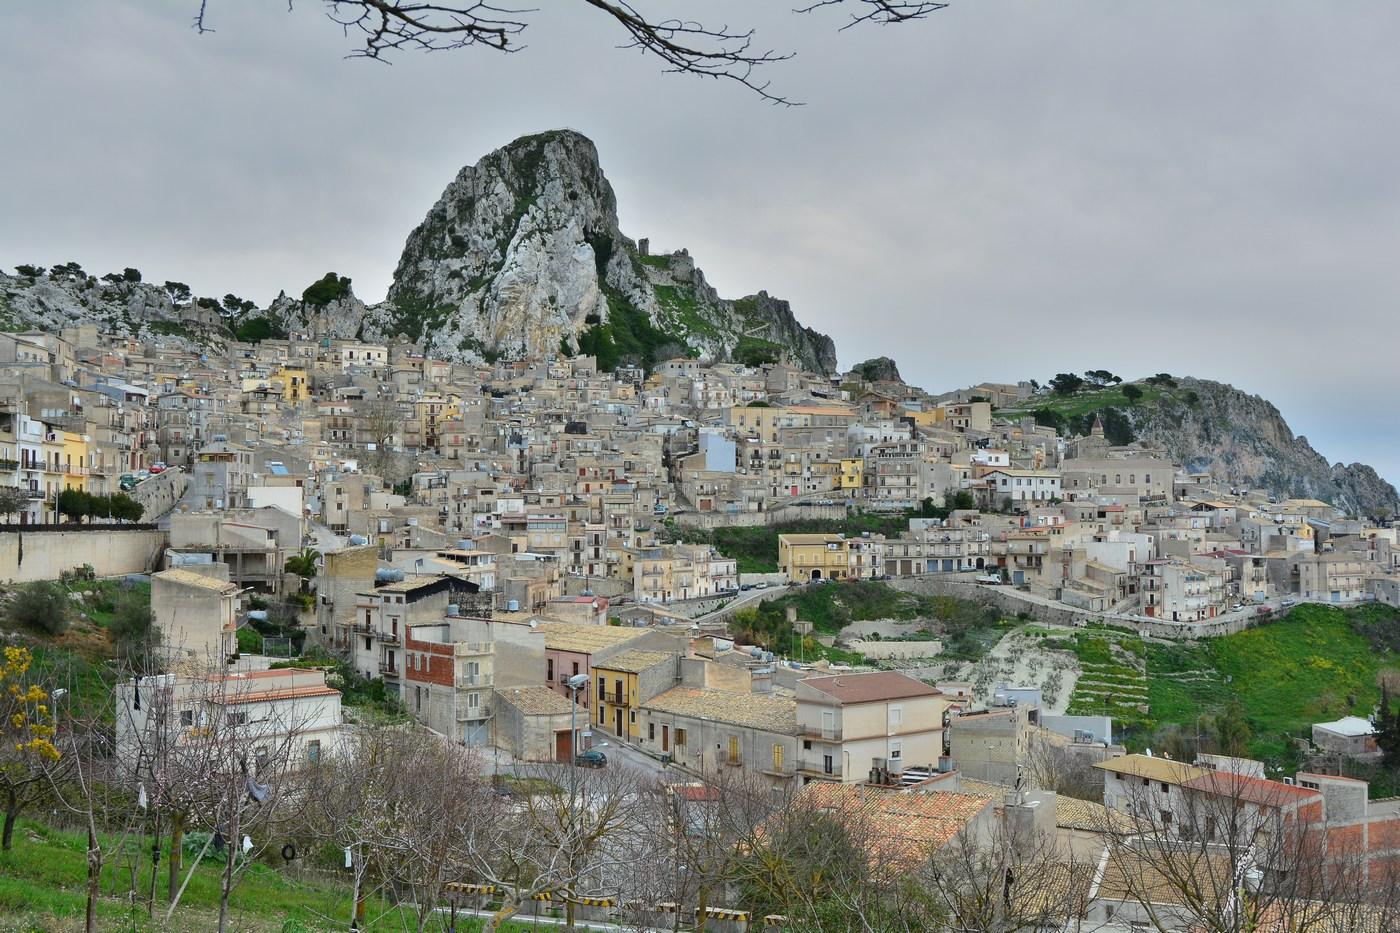 Vue d'ensemble du gros village au pied du piton rocheux.